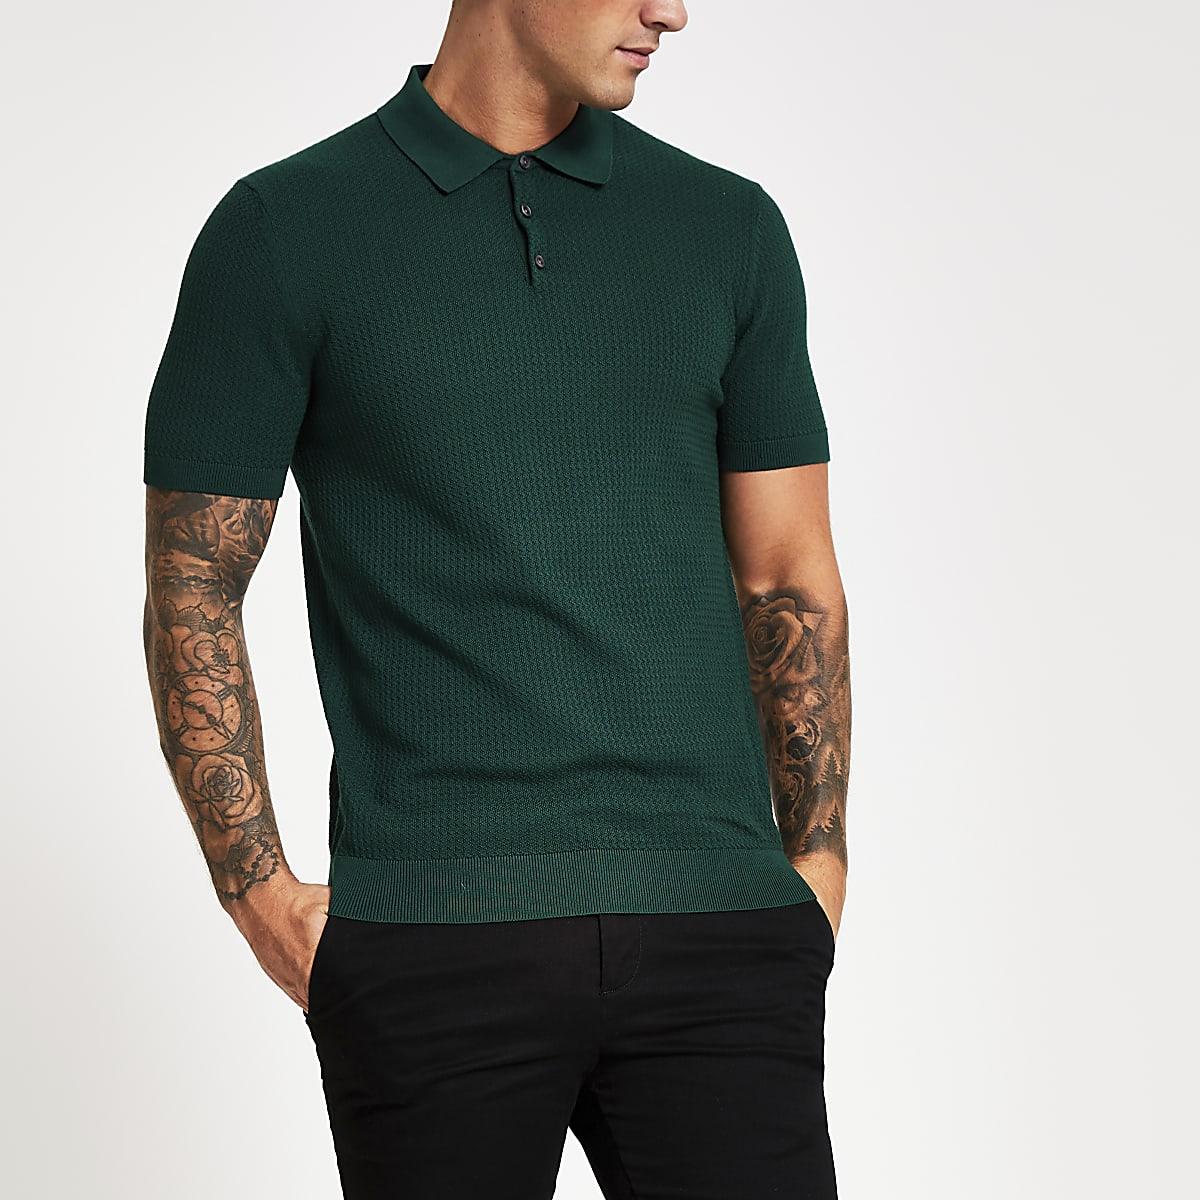 Selected Homme - Groen poloshirt met korte mouwen